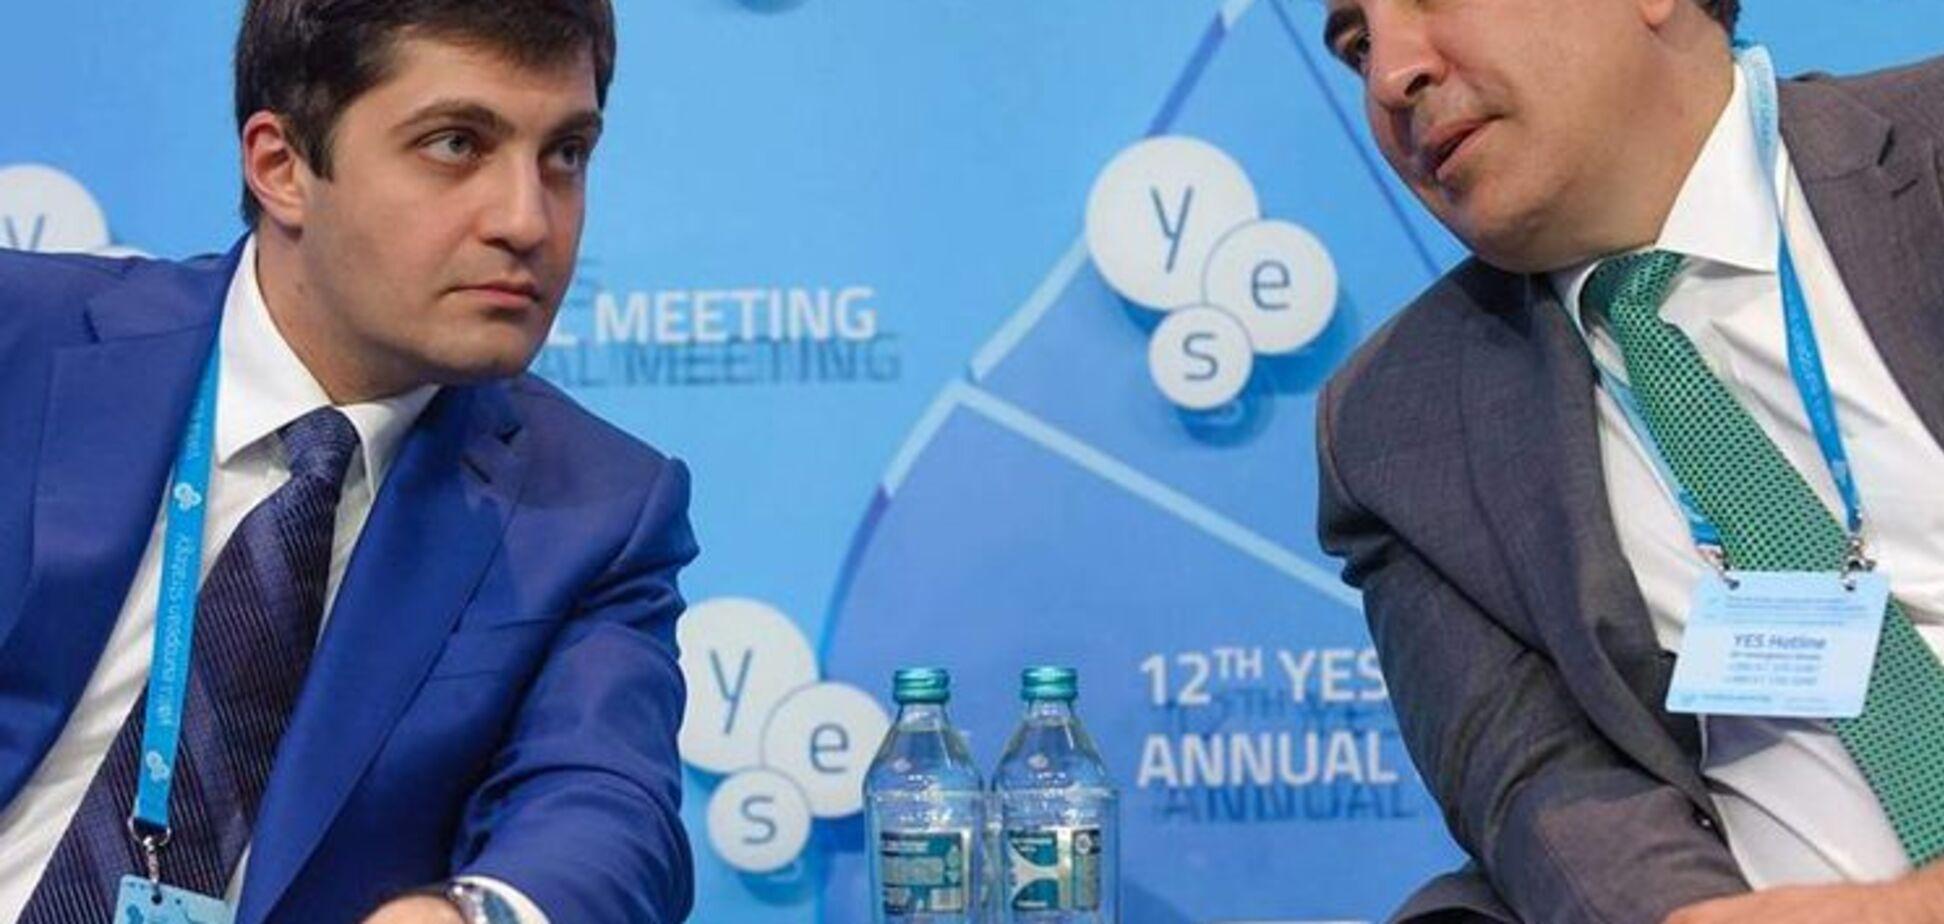 Саакашвили и сакварелидзе